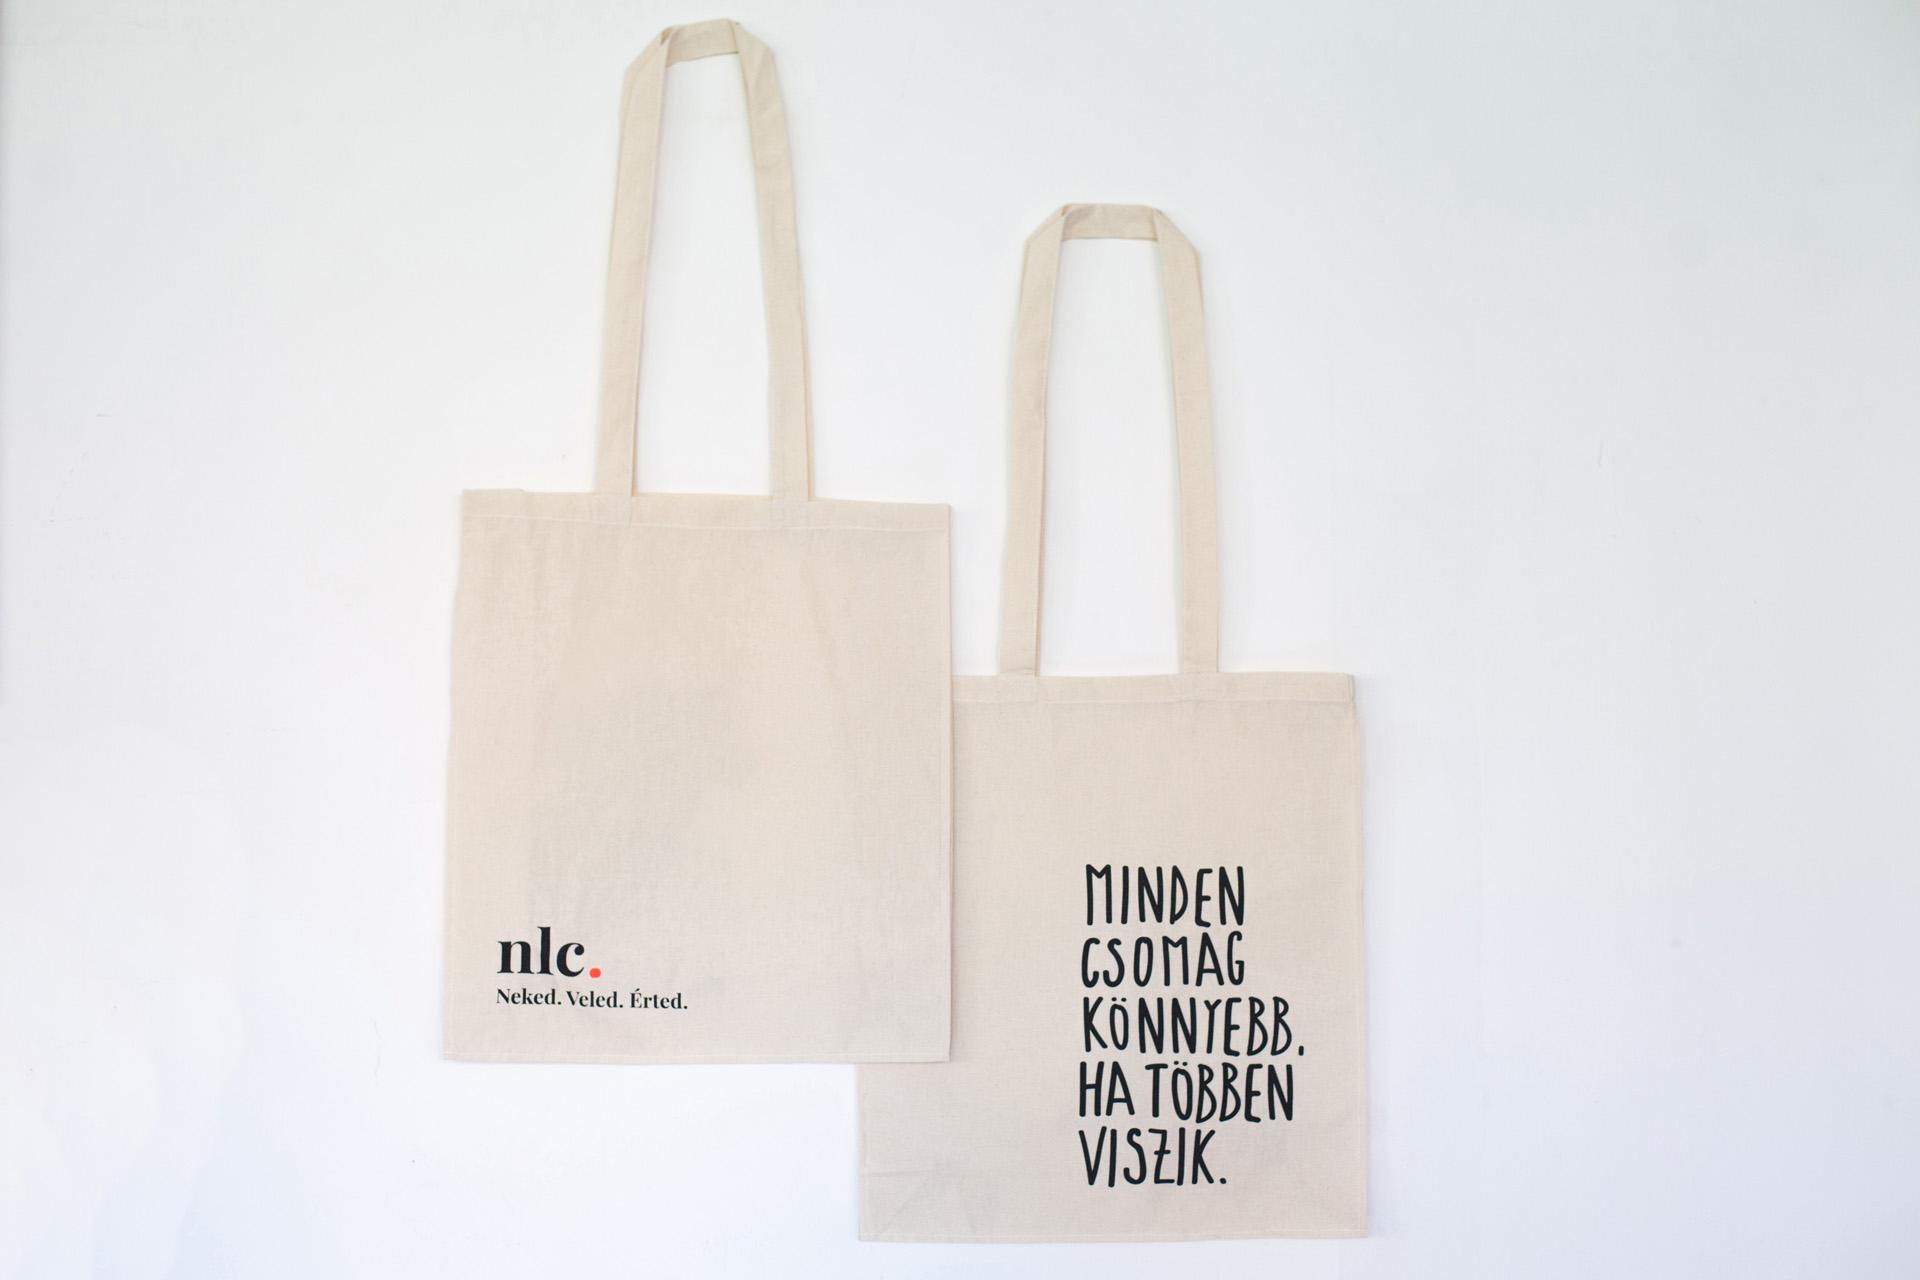 nlc reklam taskak